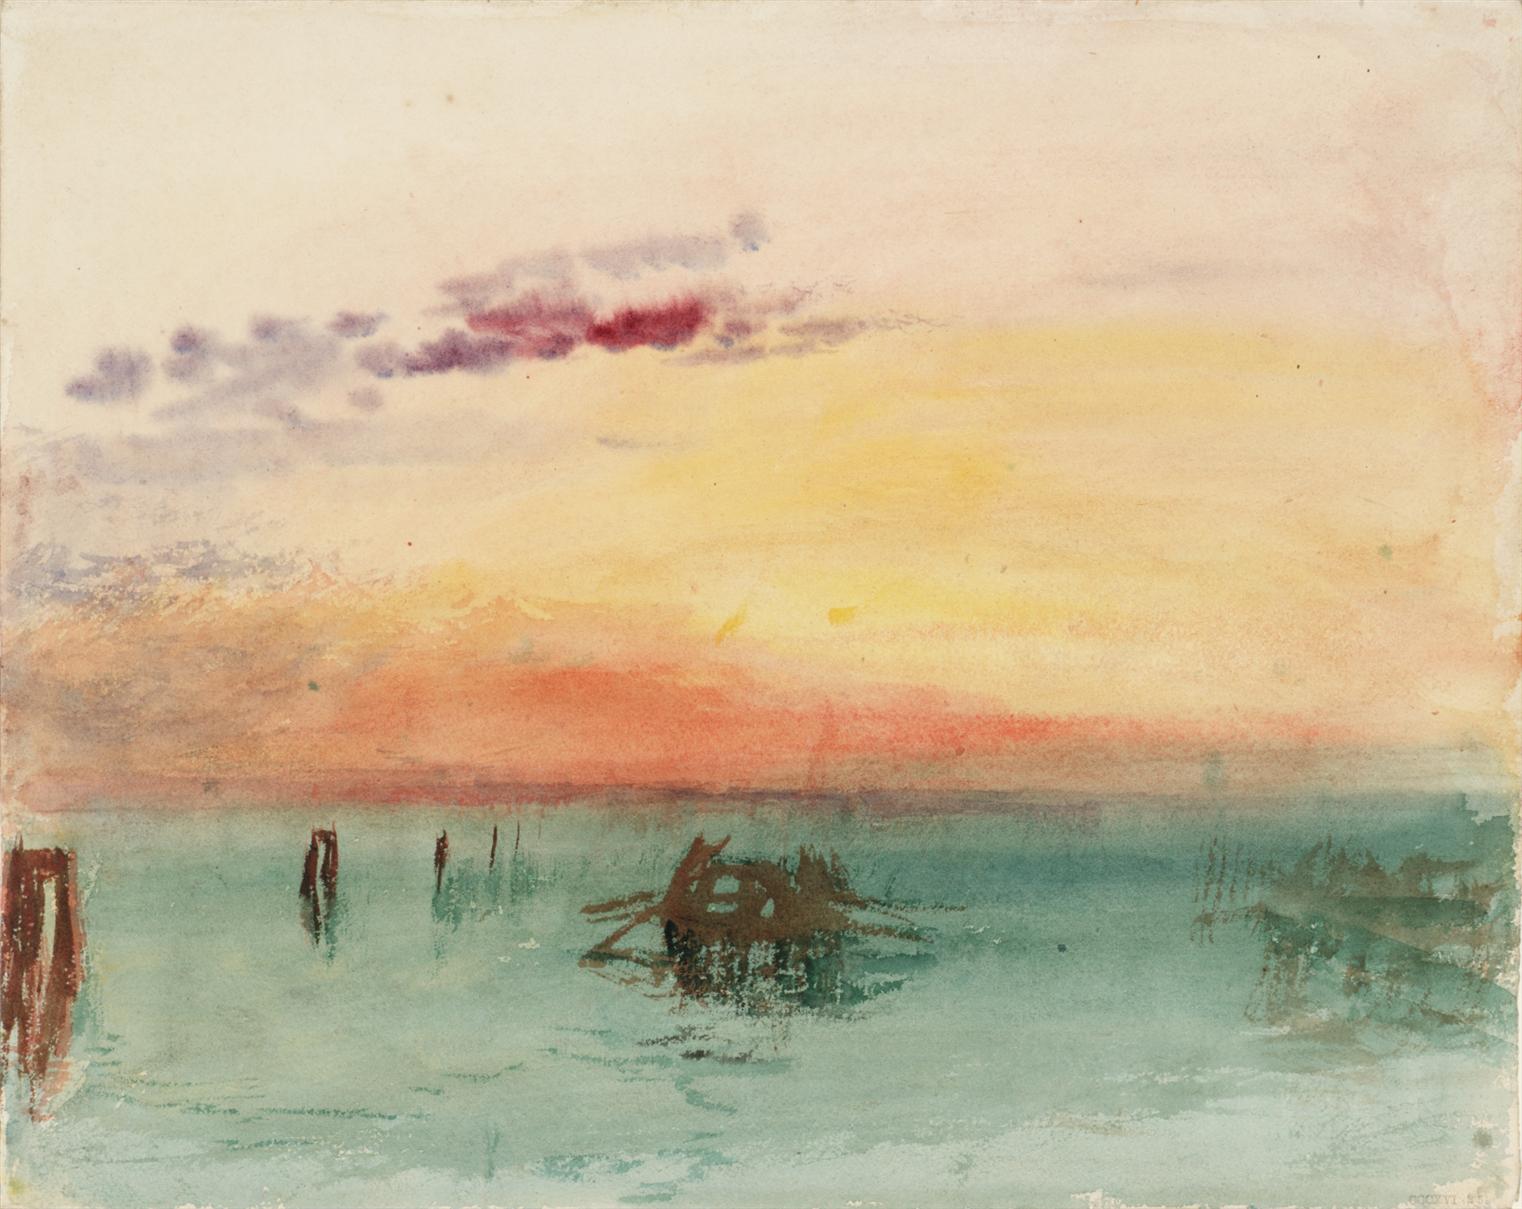 Venise, vue sur la lagune au coucher du soleil, 1840, aquarelle sur papier, 24,4 x 30,4 cm. Tate, accepté par la nation dans le cadre du legs Turner 1856, Photo © Tate